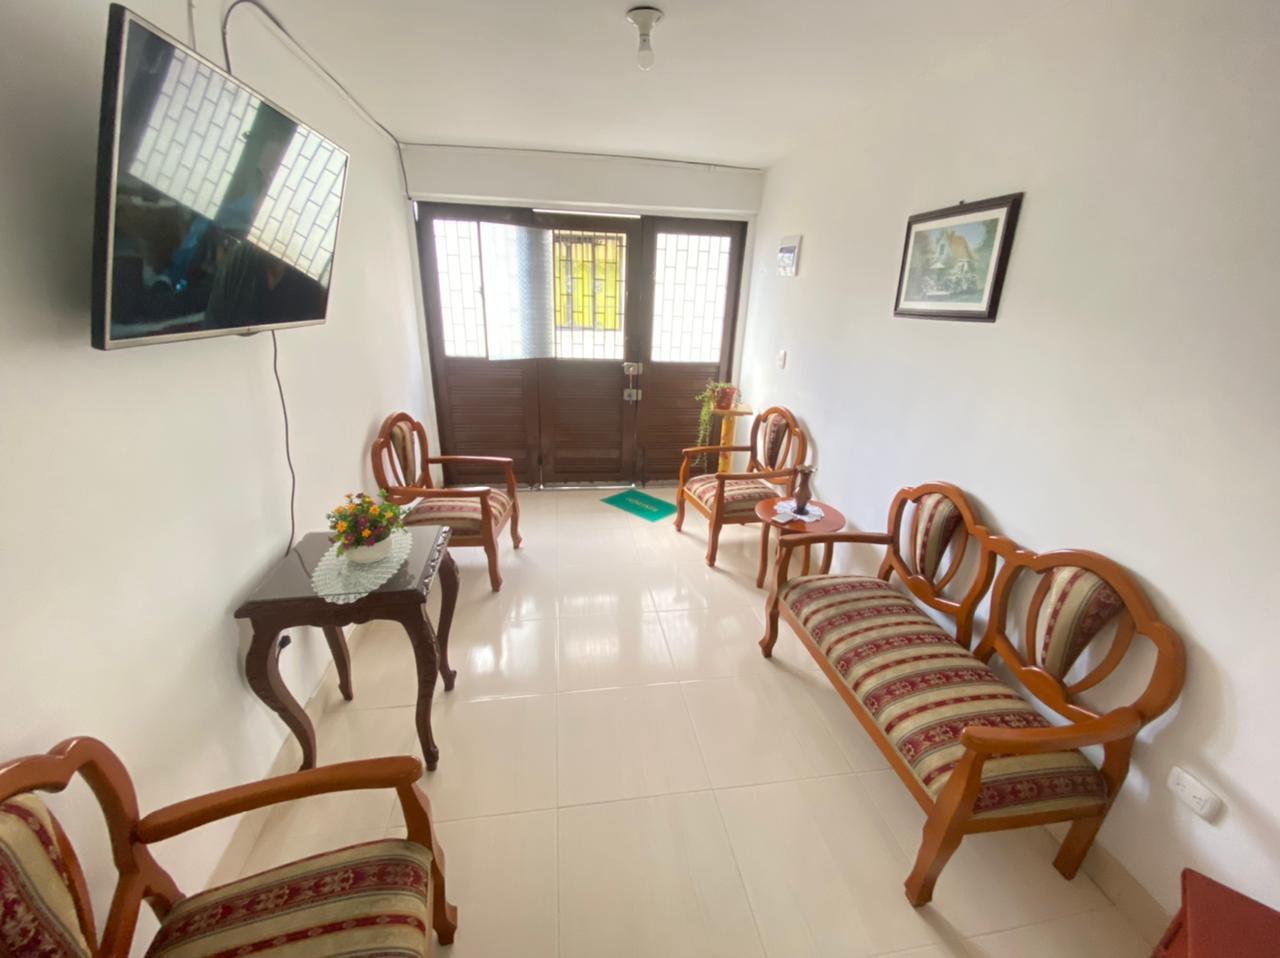 AV-0106 Se vende apartamento en Chinchiná, en excelente ubicación y precio.